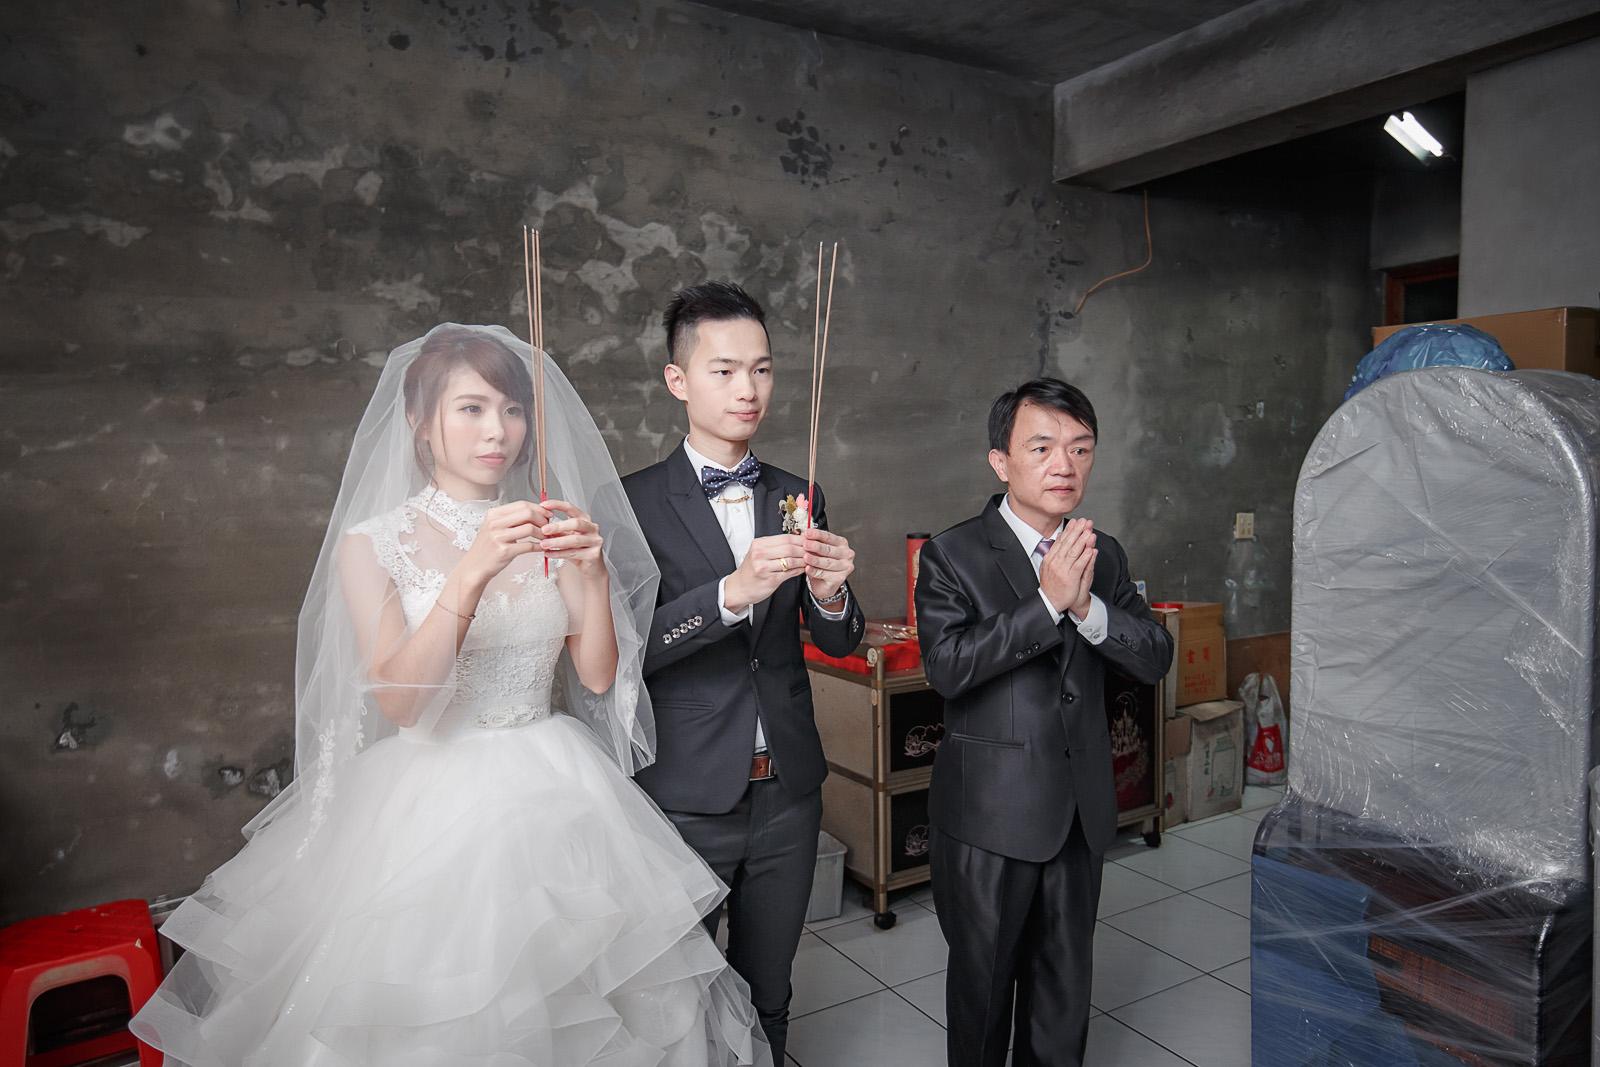 高雄圓山飯店,婚禮攝影,婚攝,高雄婚攝,優質婚攝推薦,Jen&Ethan-177